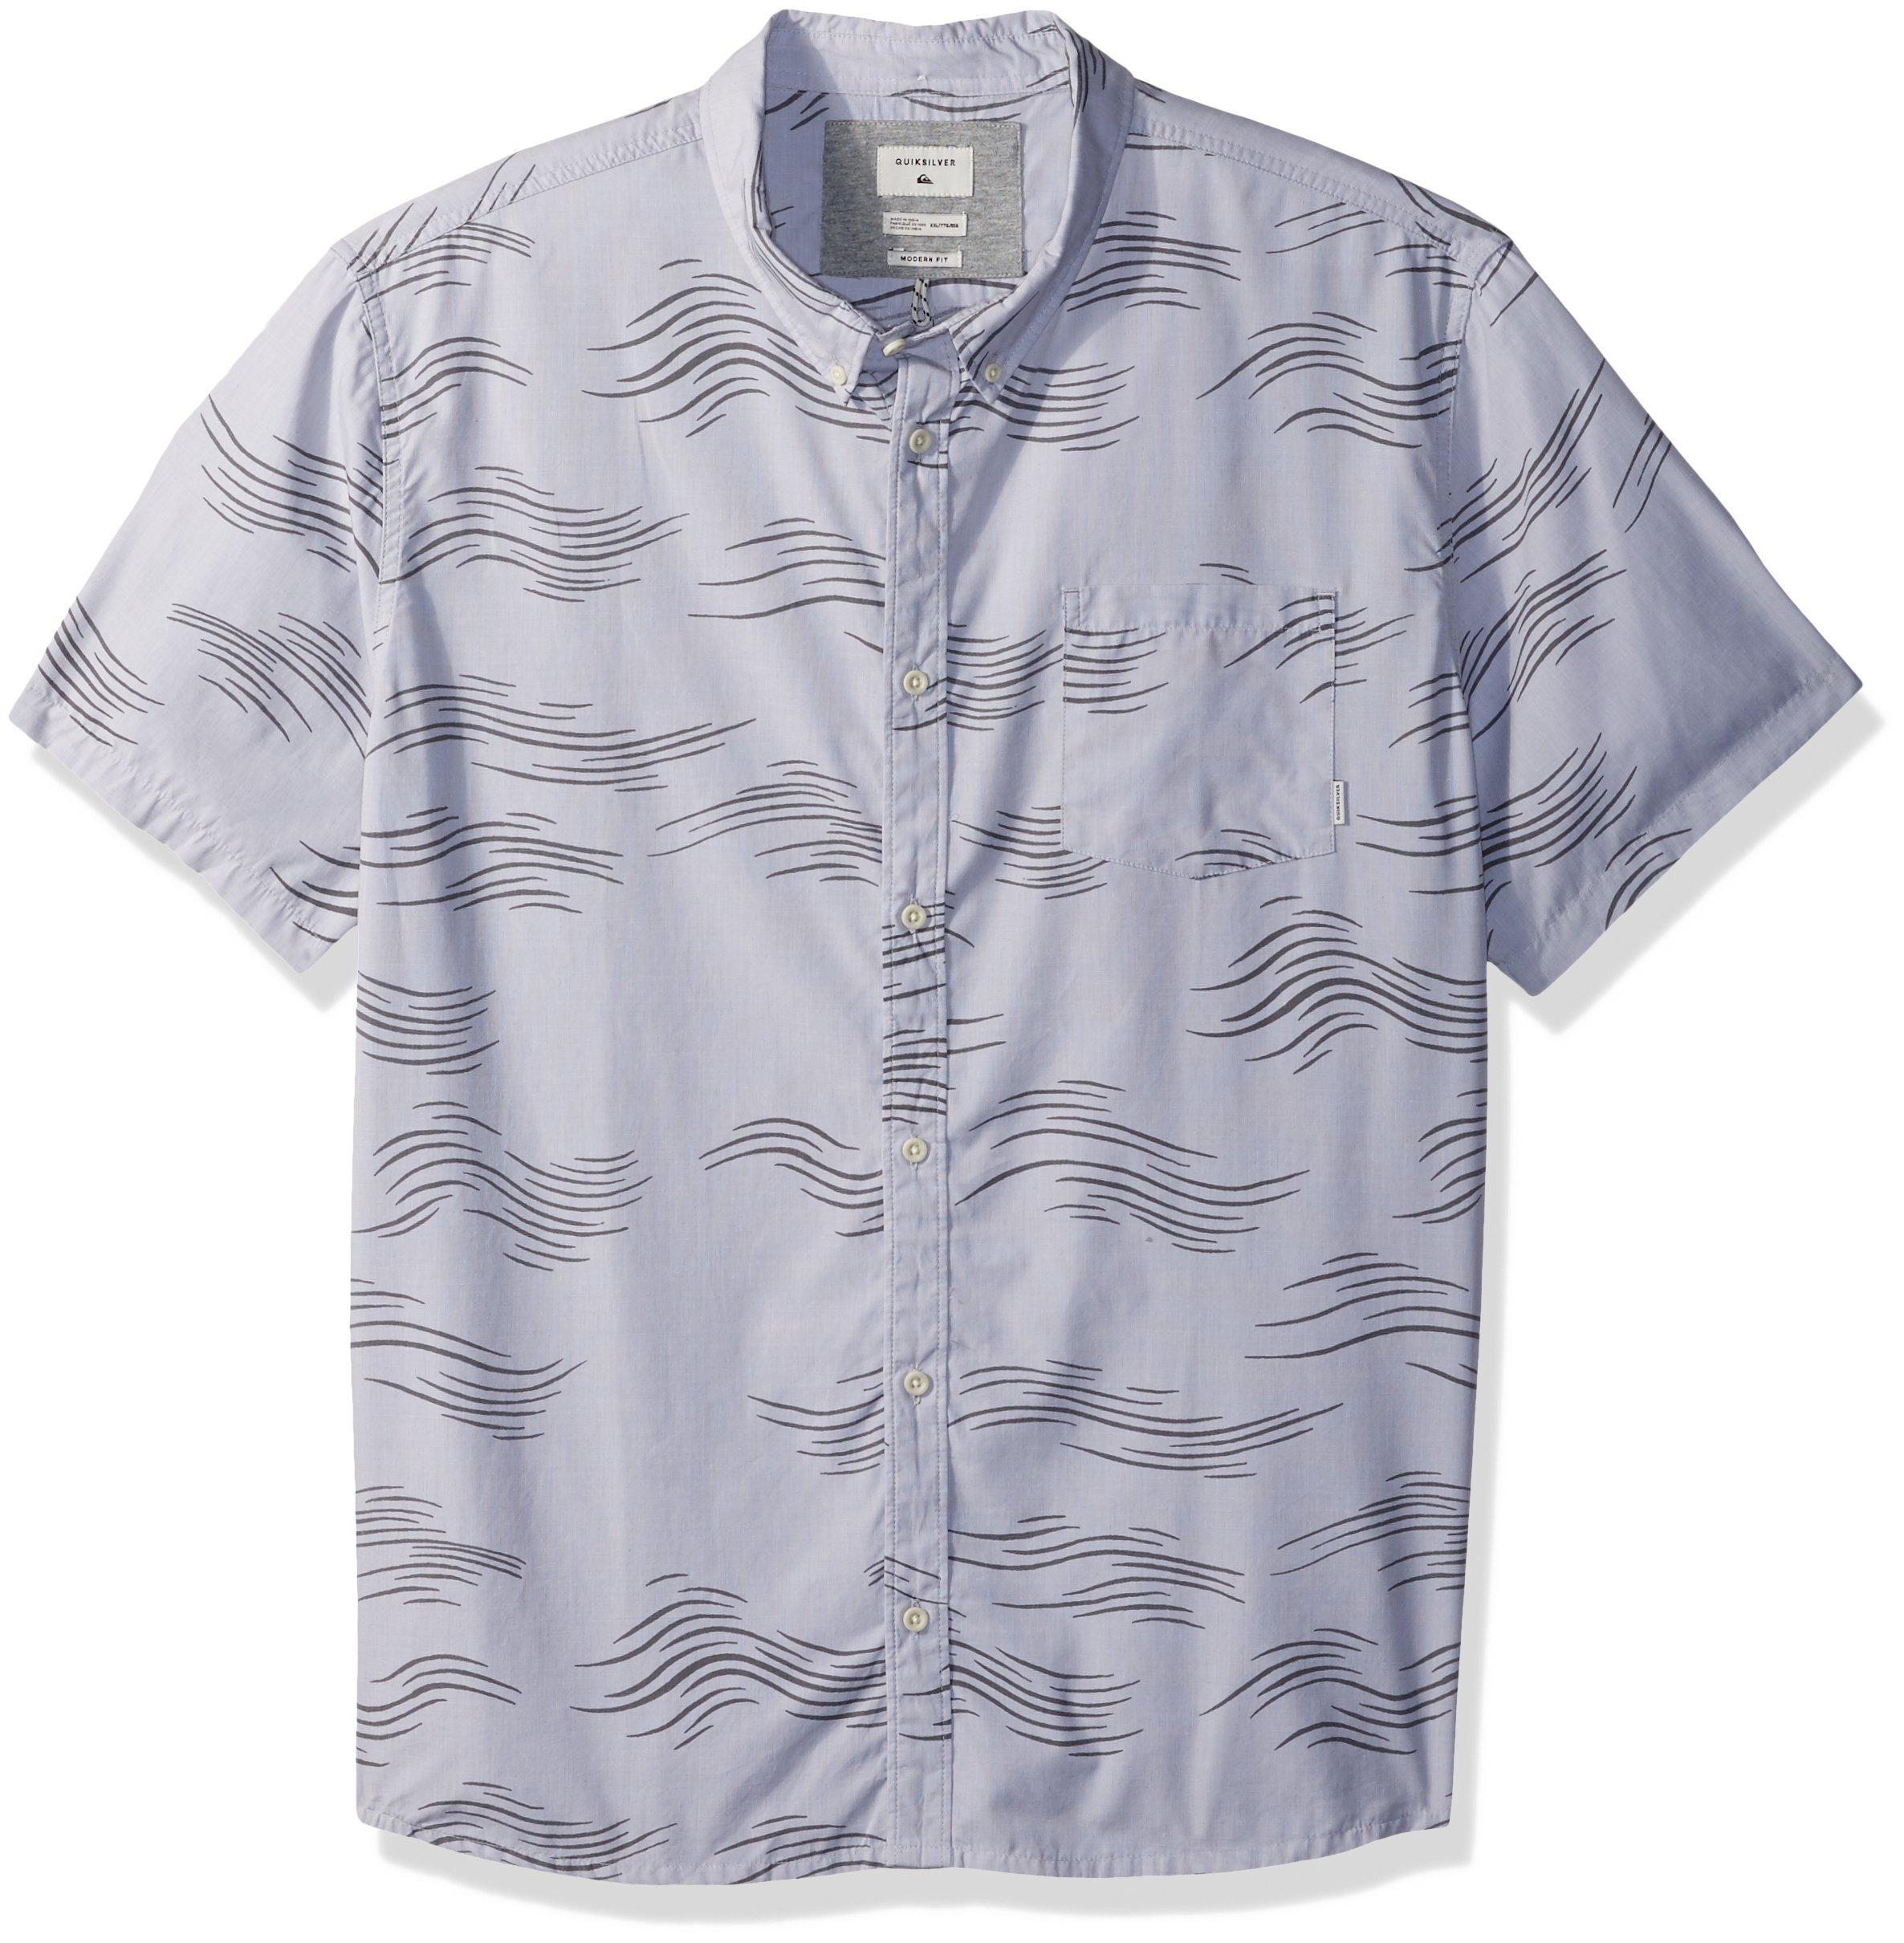 Quiksilver Men's Valley Groove Print Short Sleeve Button Down Shirt, Sleet Valley Grove, M